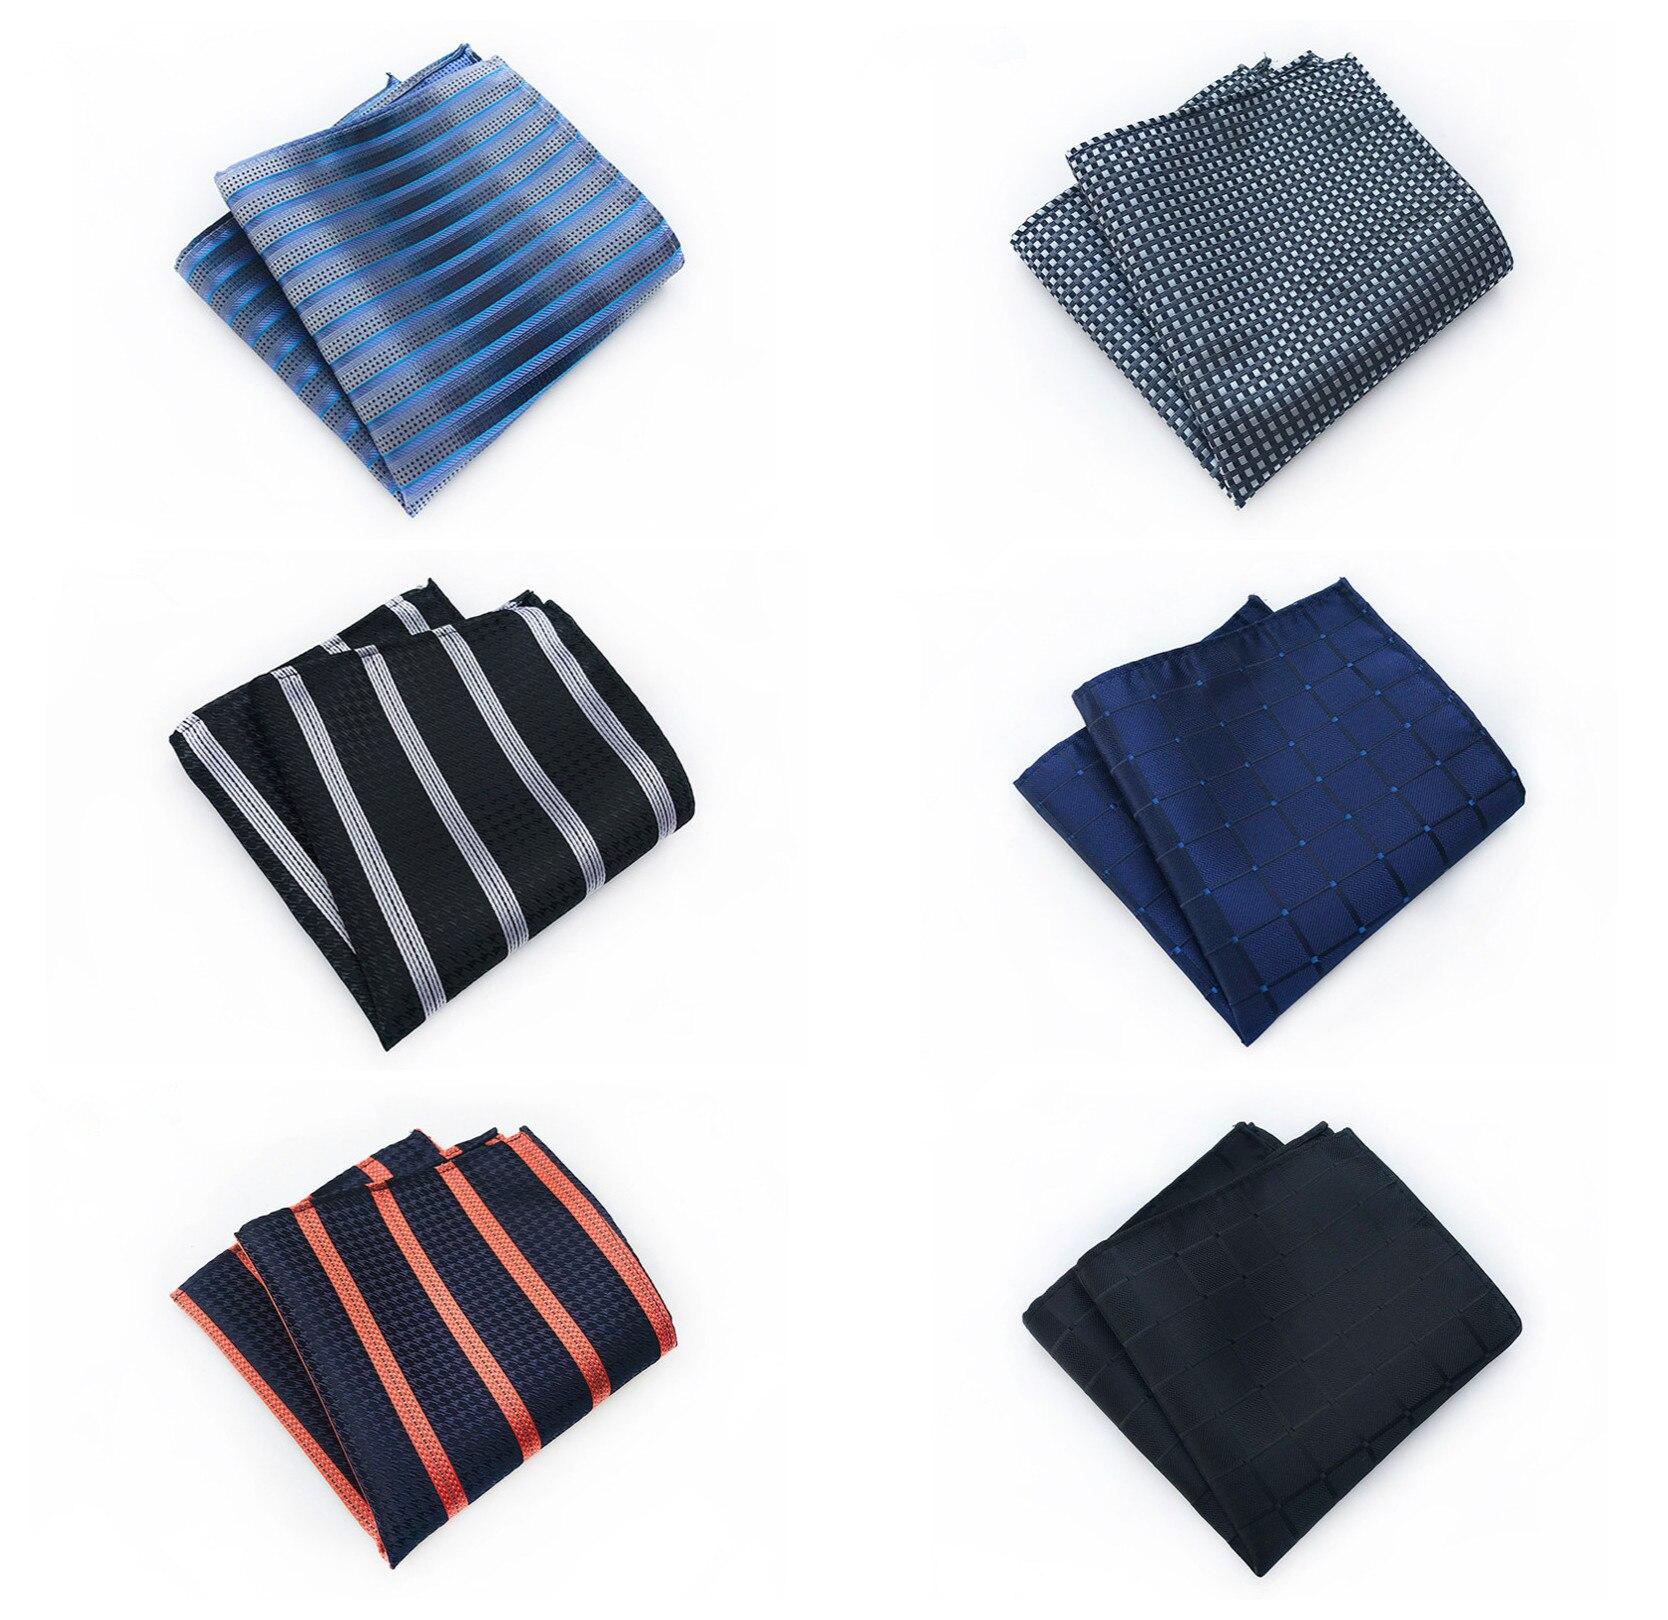 Fashion Simple Business Men's Quality Accessories Handkerchief 2019 Fashion Explosions Boutique Flower Men's Pocket Towel